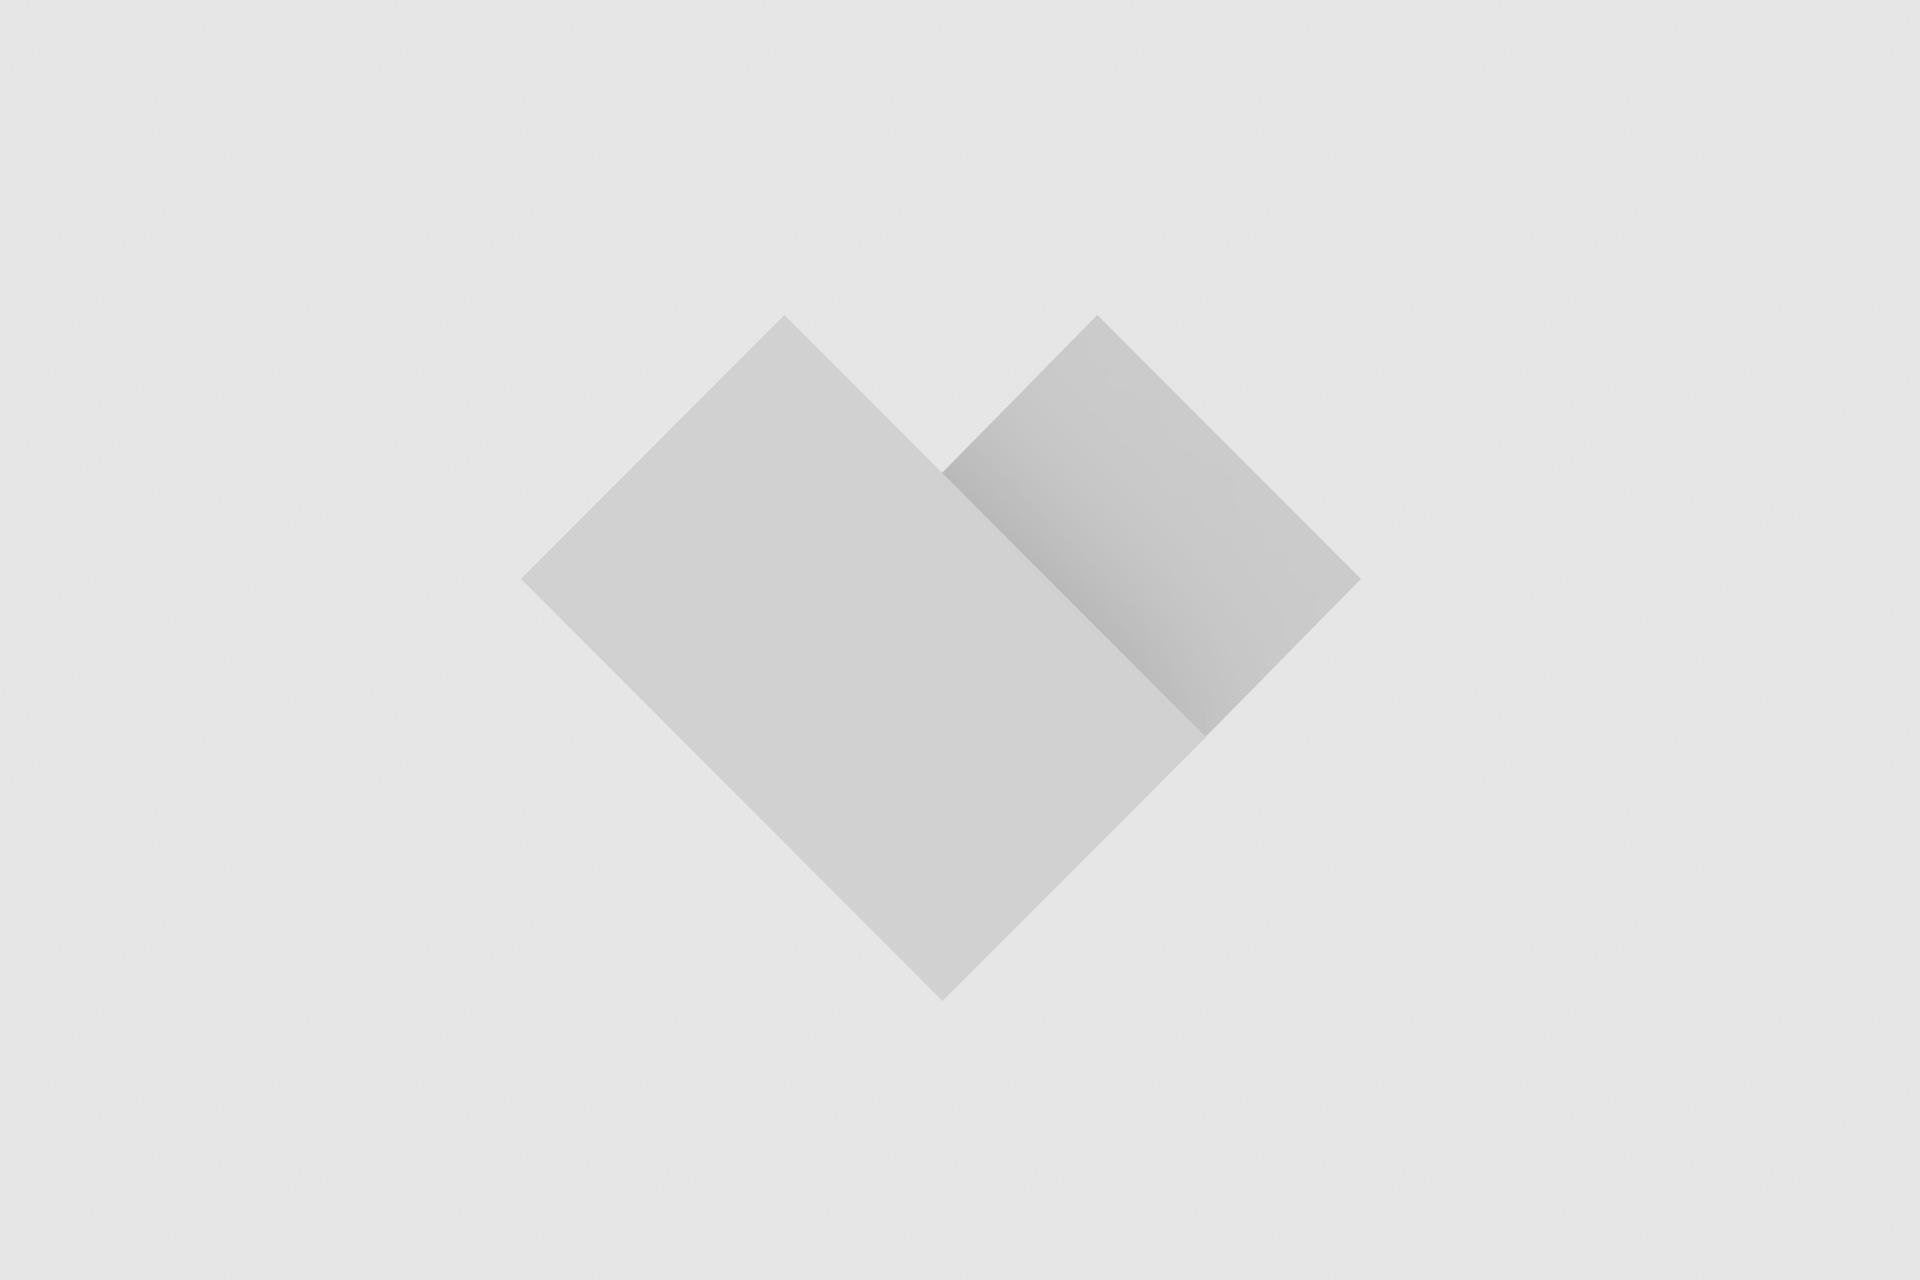 UX design à l'international, quels codes retenir pour être uniforme?